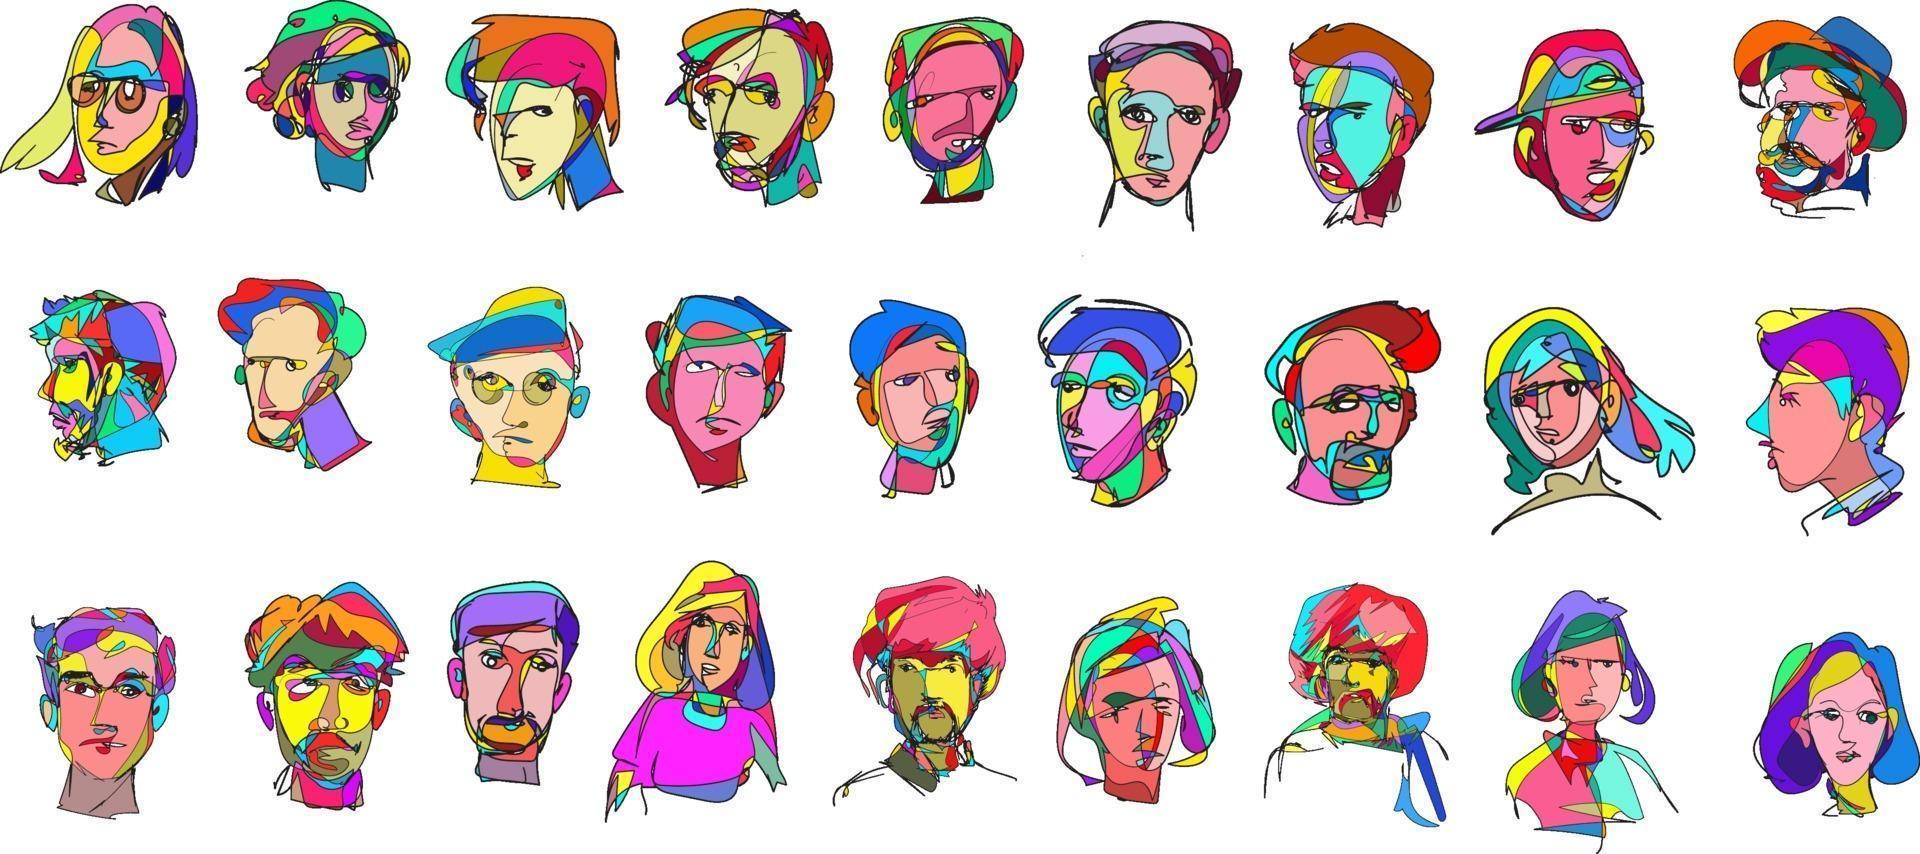 illustration av färgglada surrealistiska abstrakta mänskliga huvuden i kontinuerlig linje konst ritning stil vektor